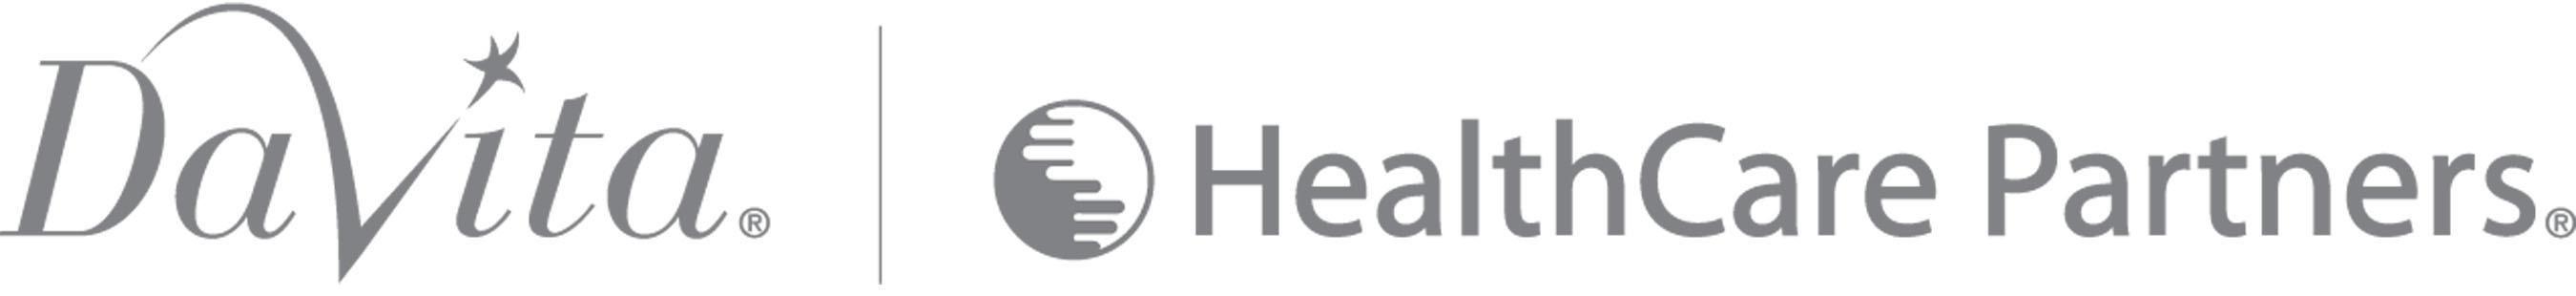 www.davitahealthcarepartners.com